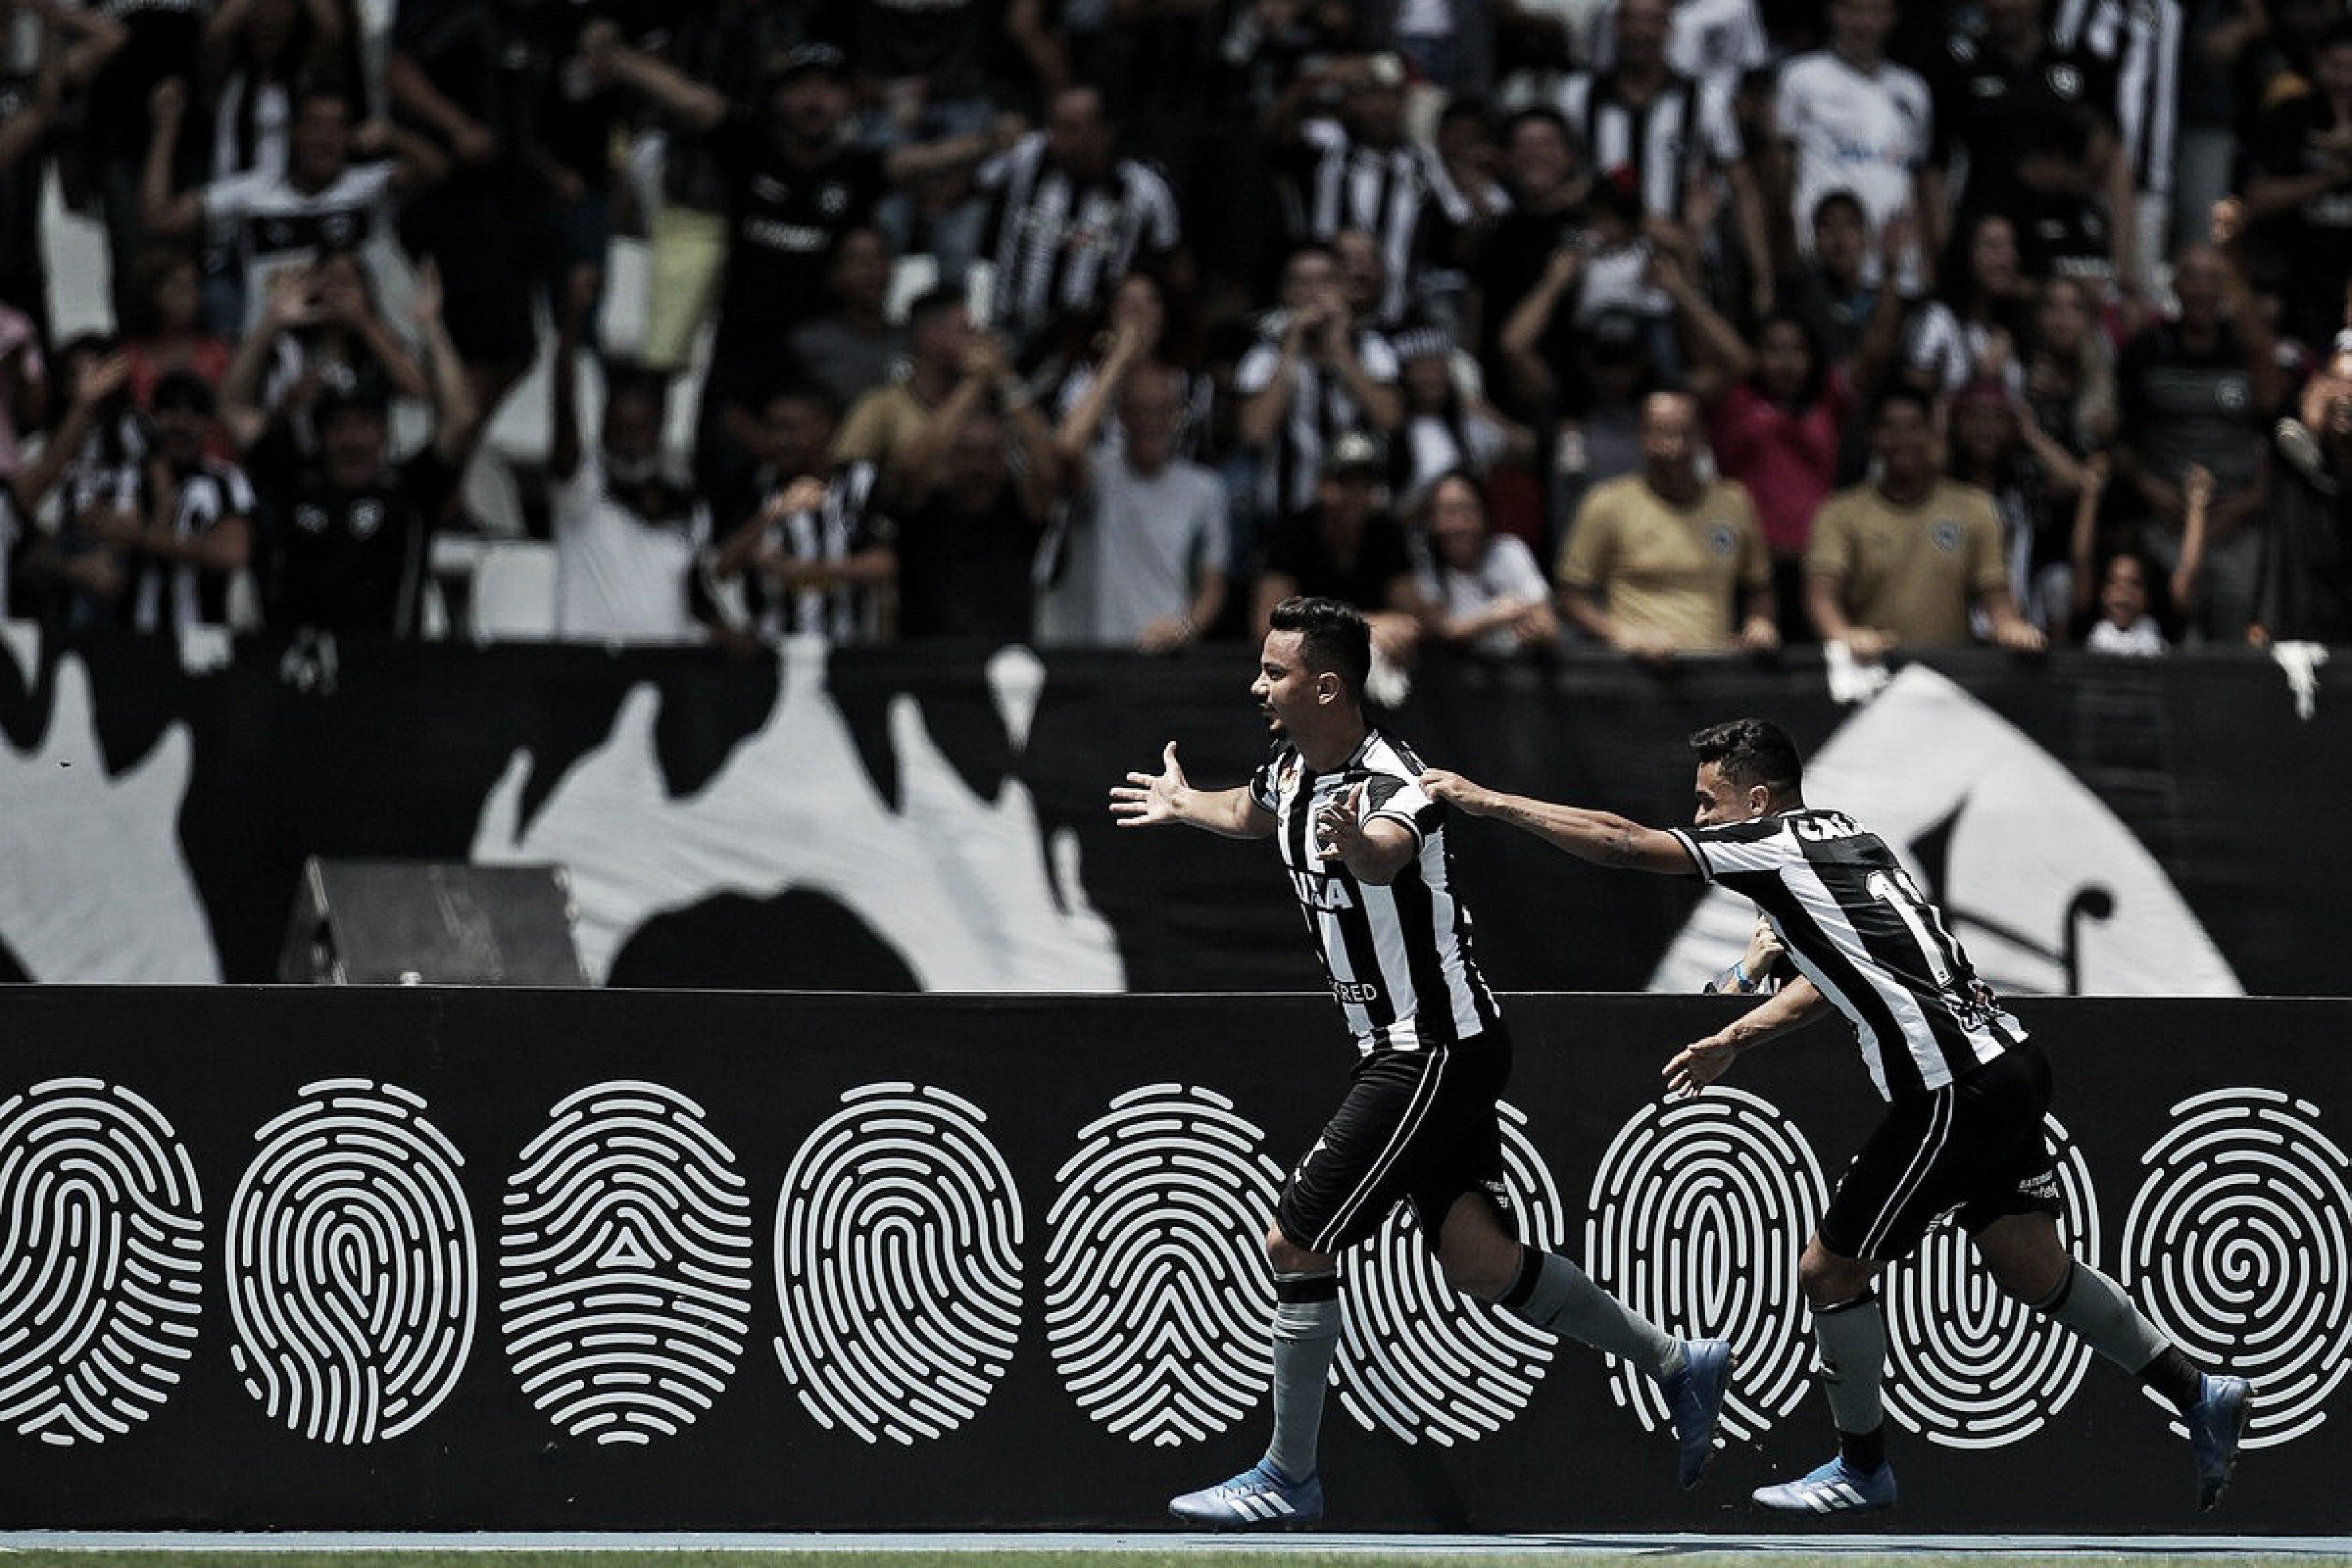 Artilheiro do Botafogo no Brasileirão, Lindoso se diz surpreso com marca atingida